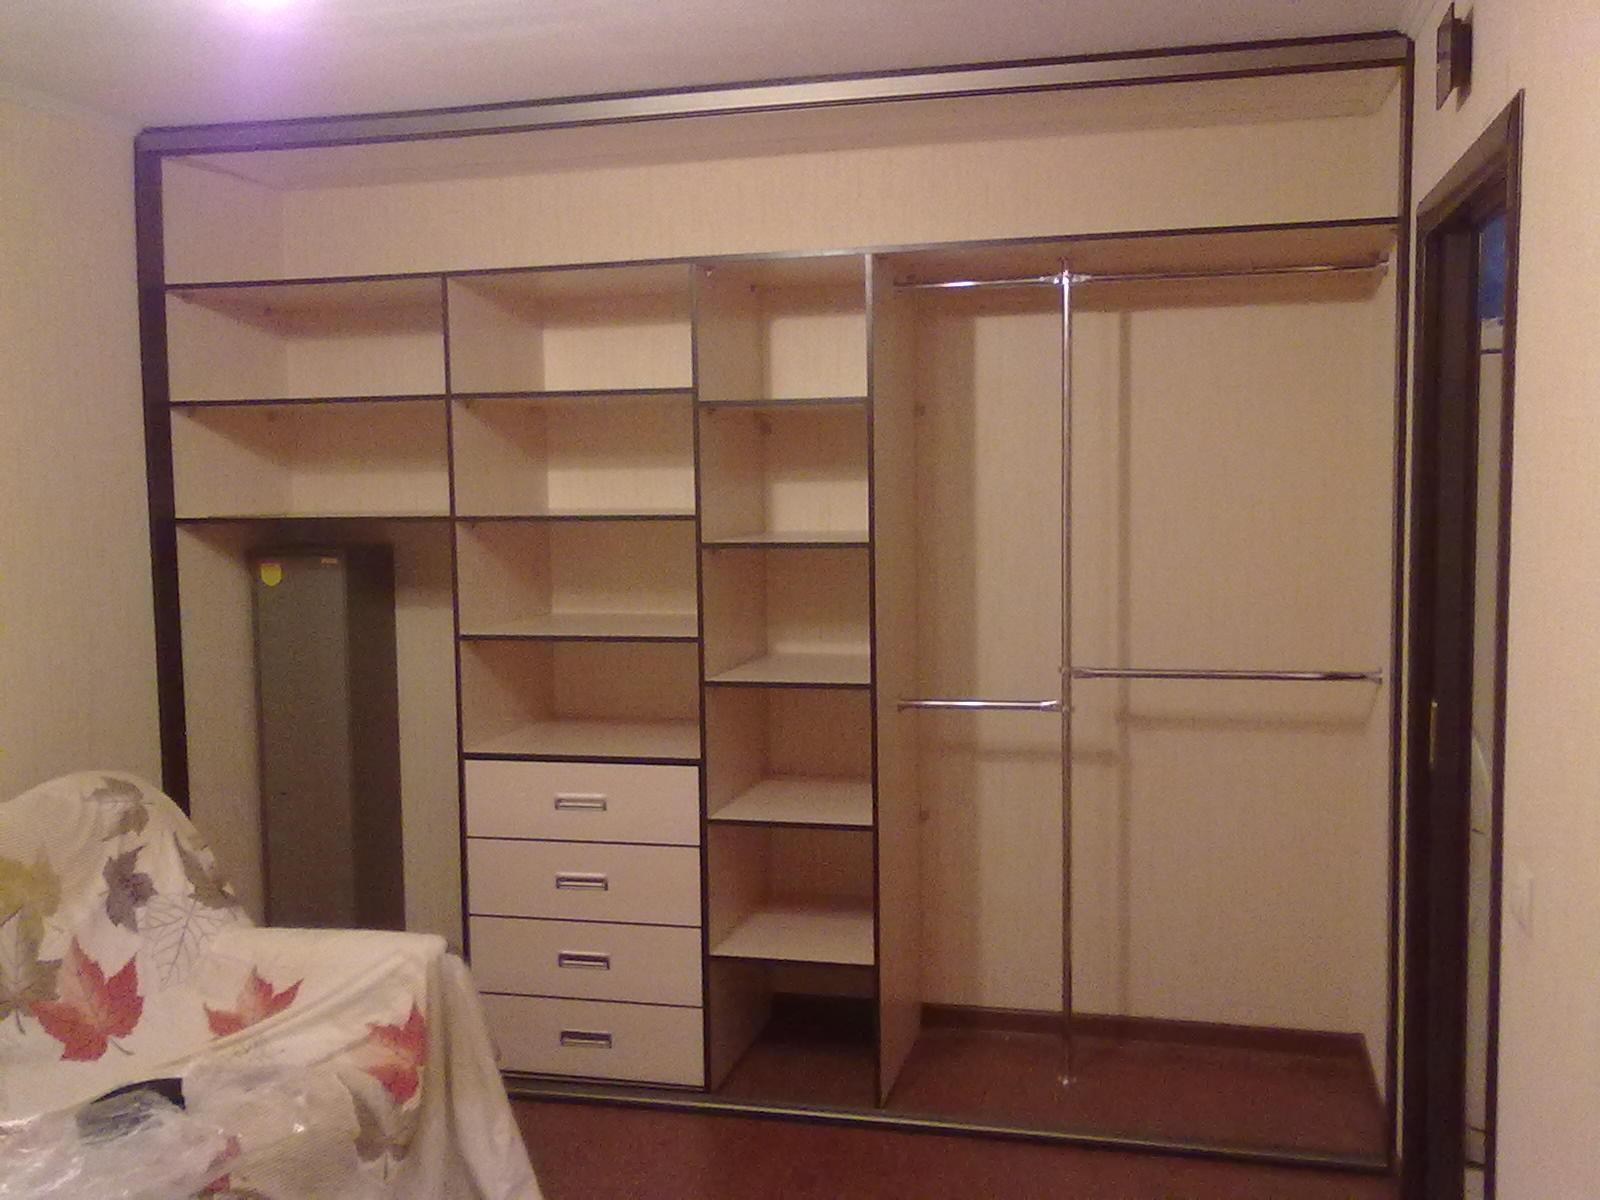 Шкафы-купе в спальню фото внутри с размерами своими руками